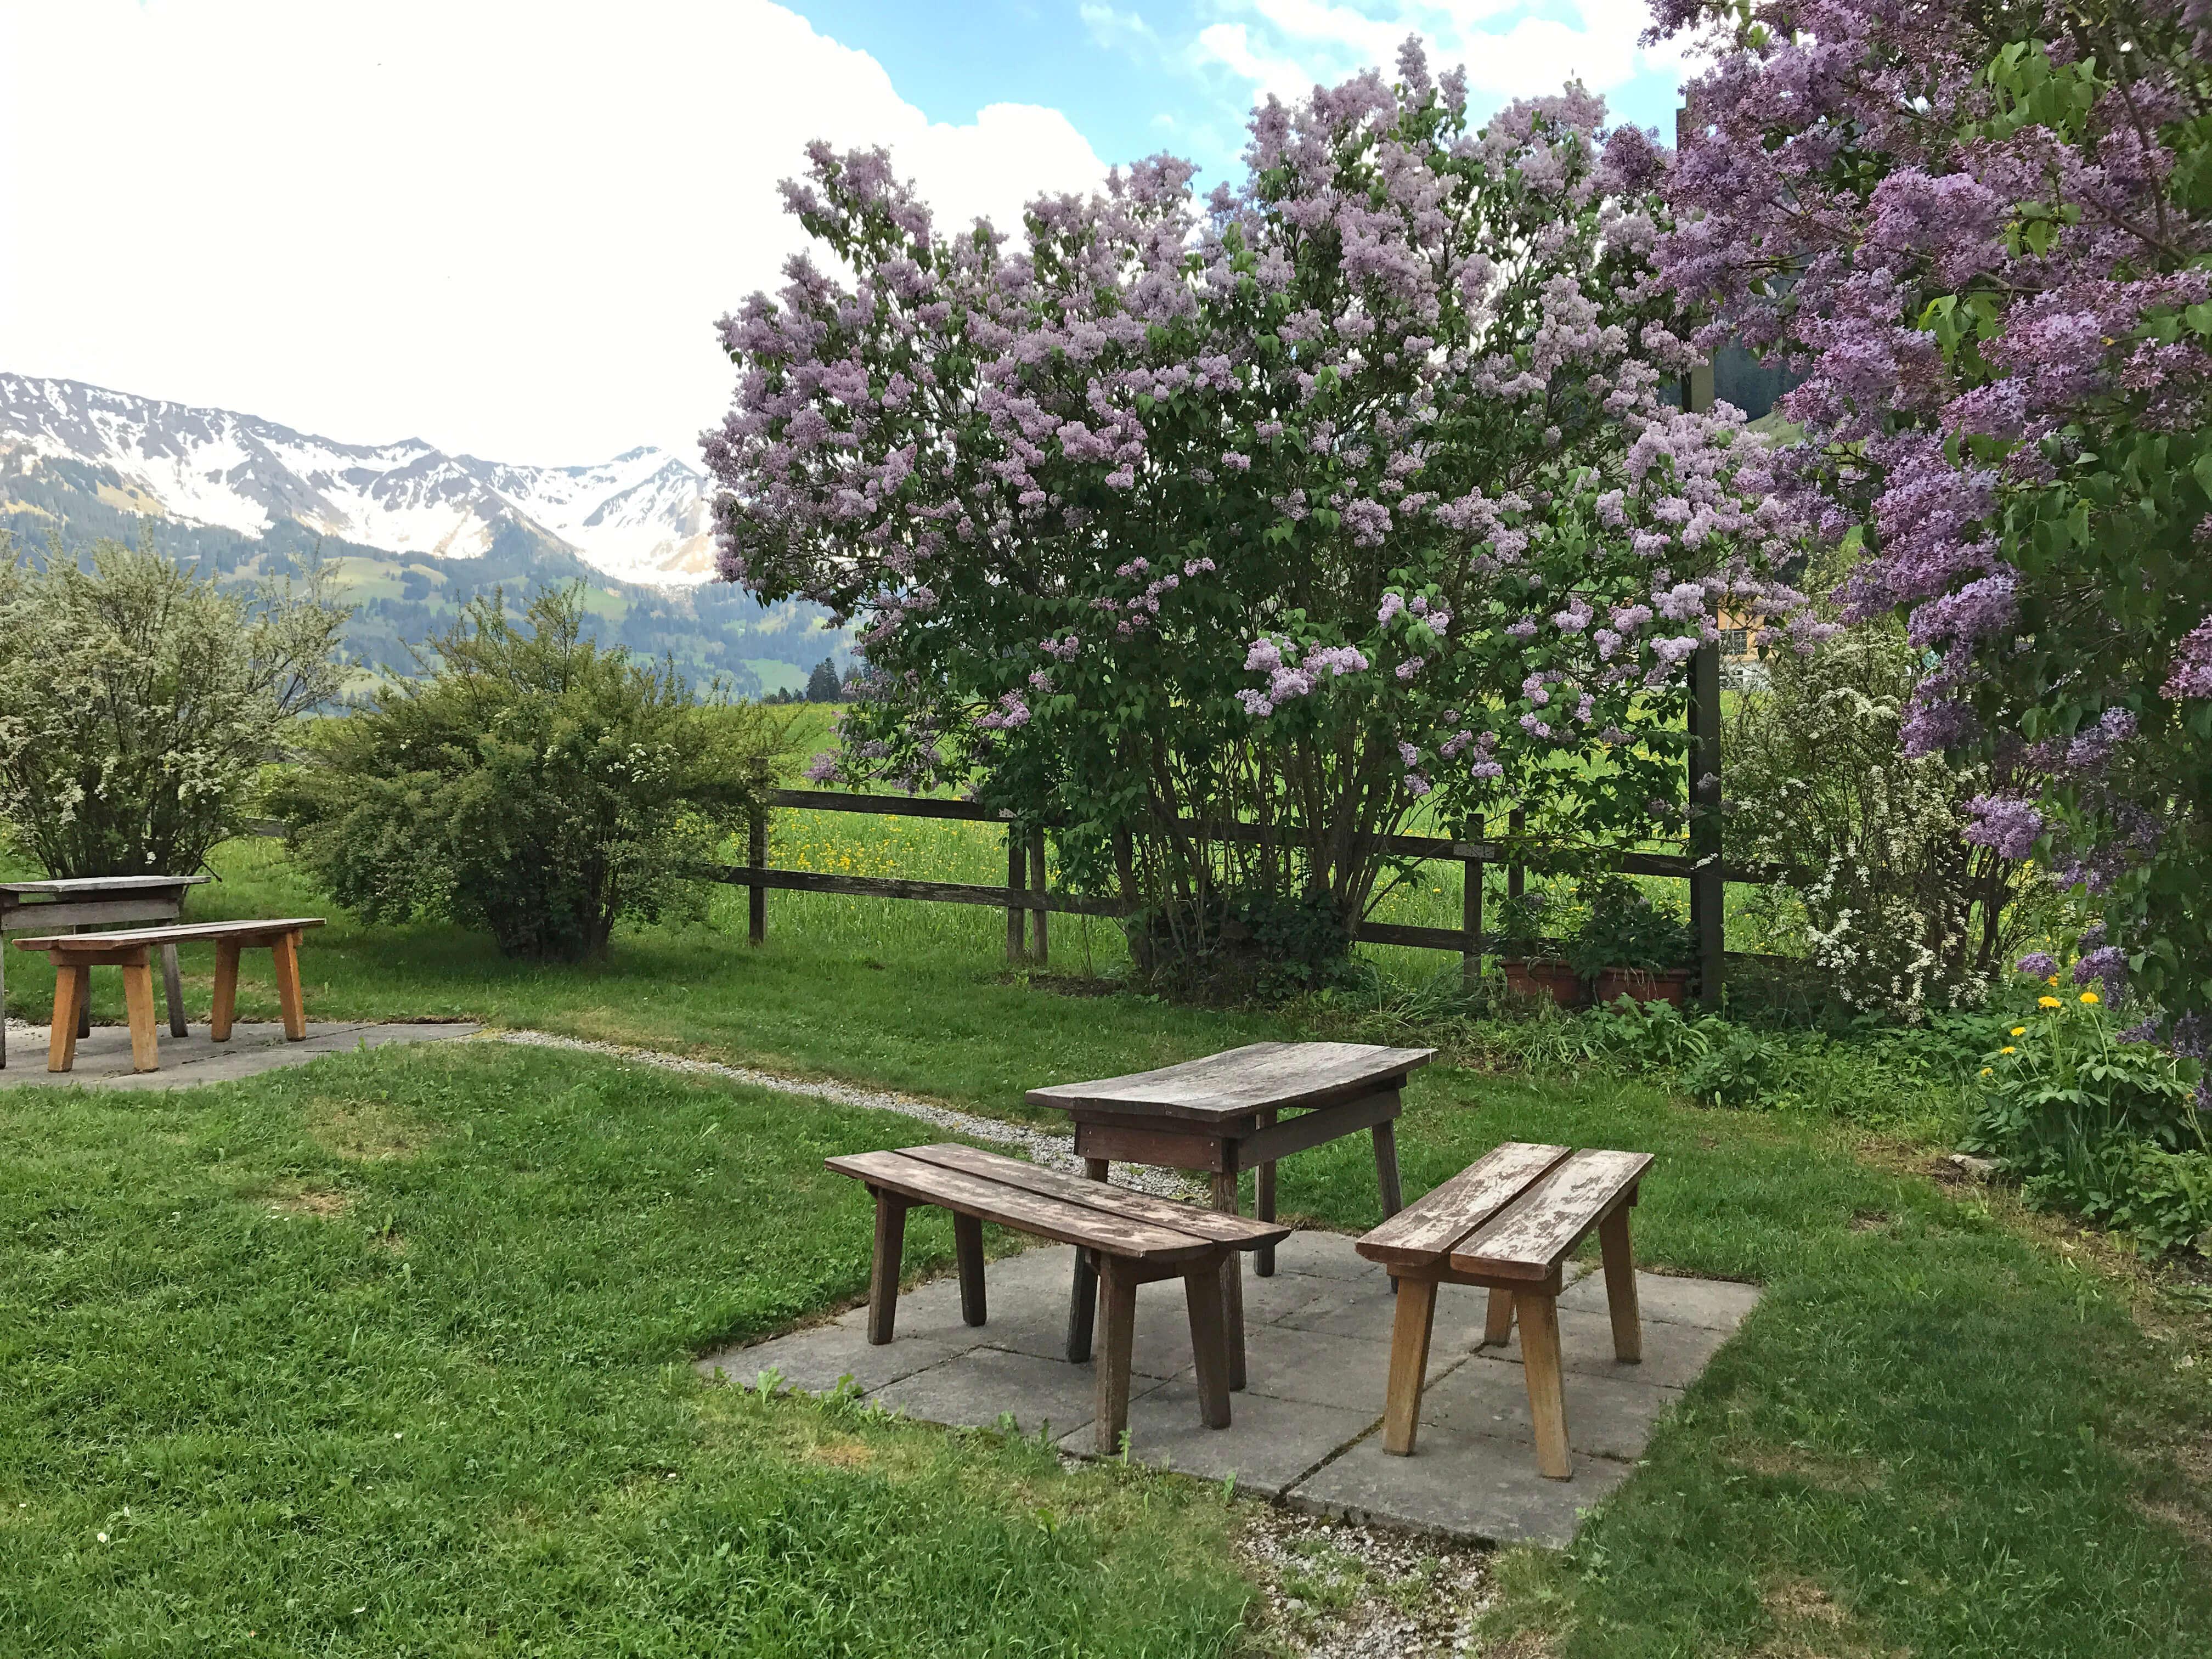 Garten Sitzbank Bergli